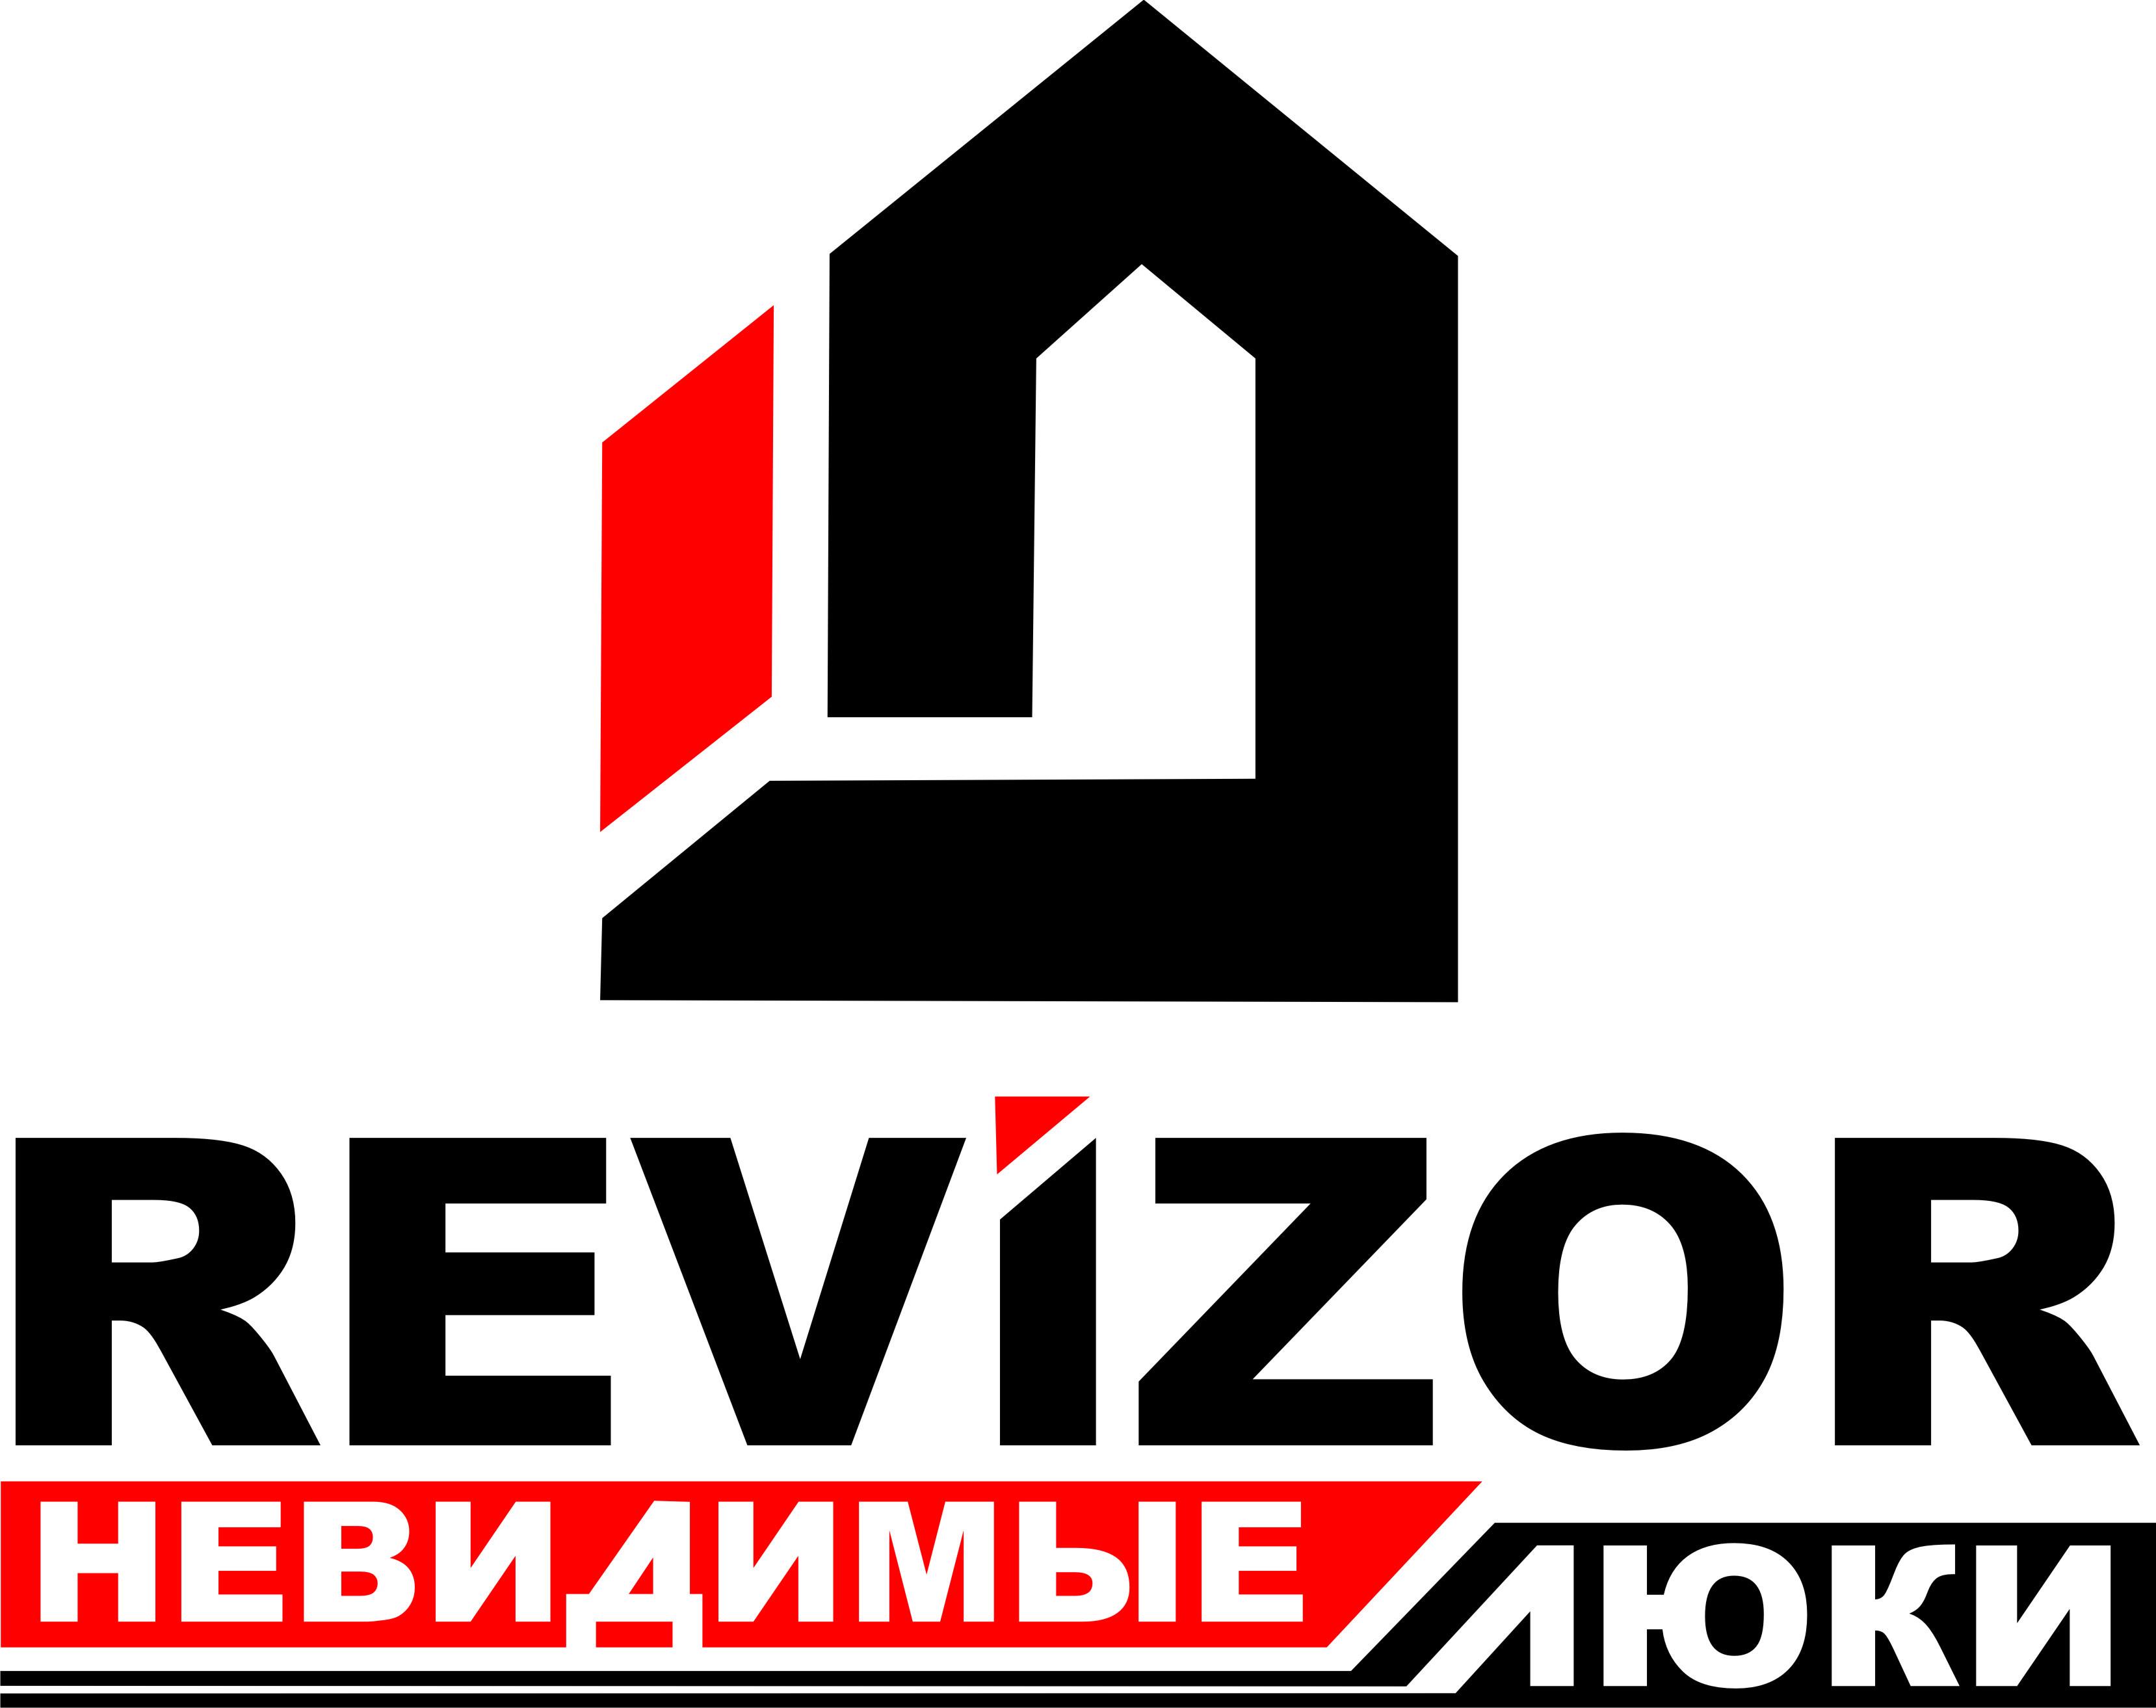 Revizor люки официальный сайт екатеринбург